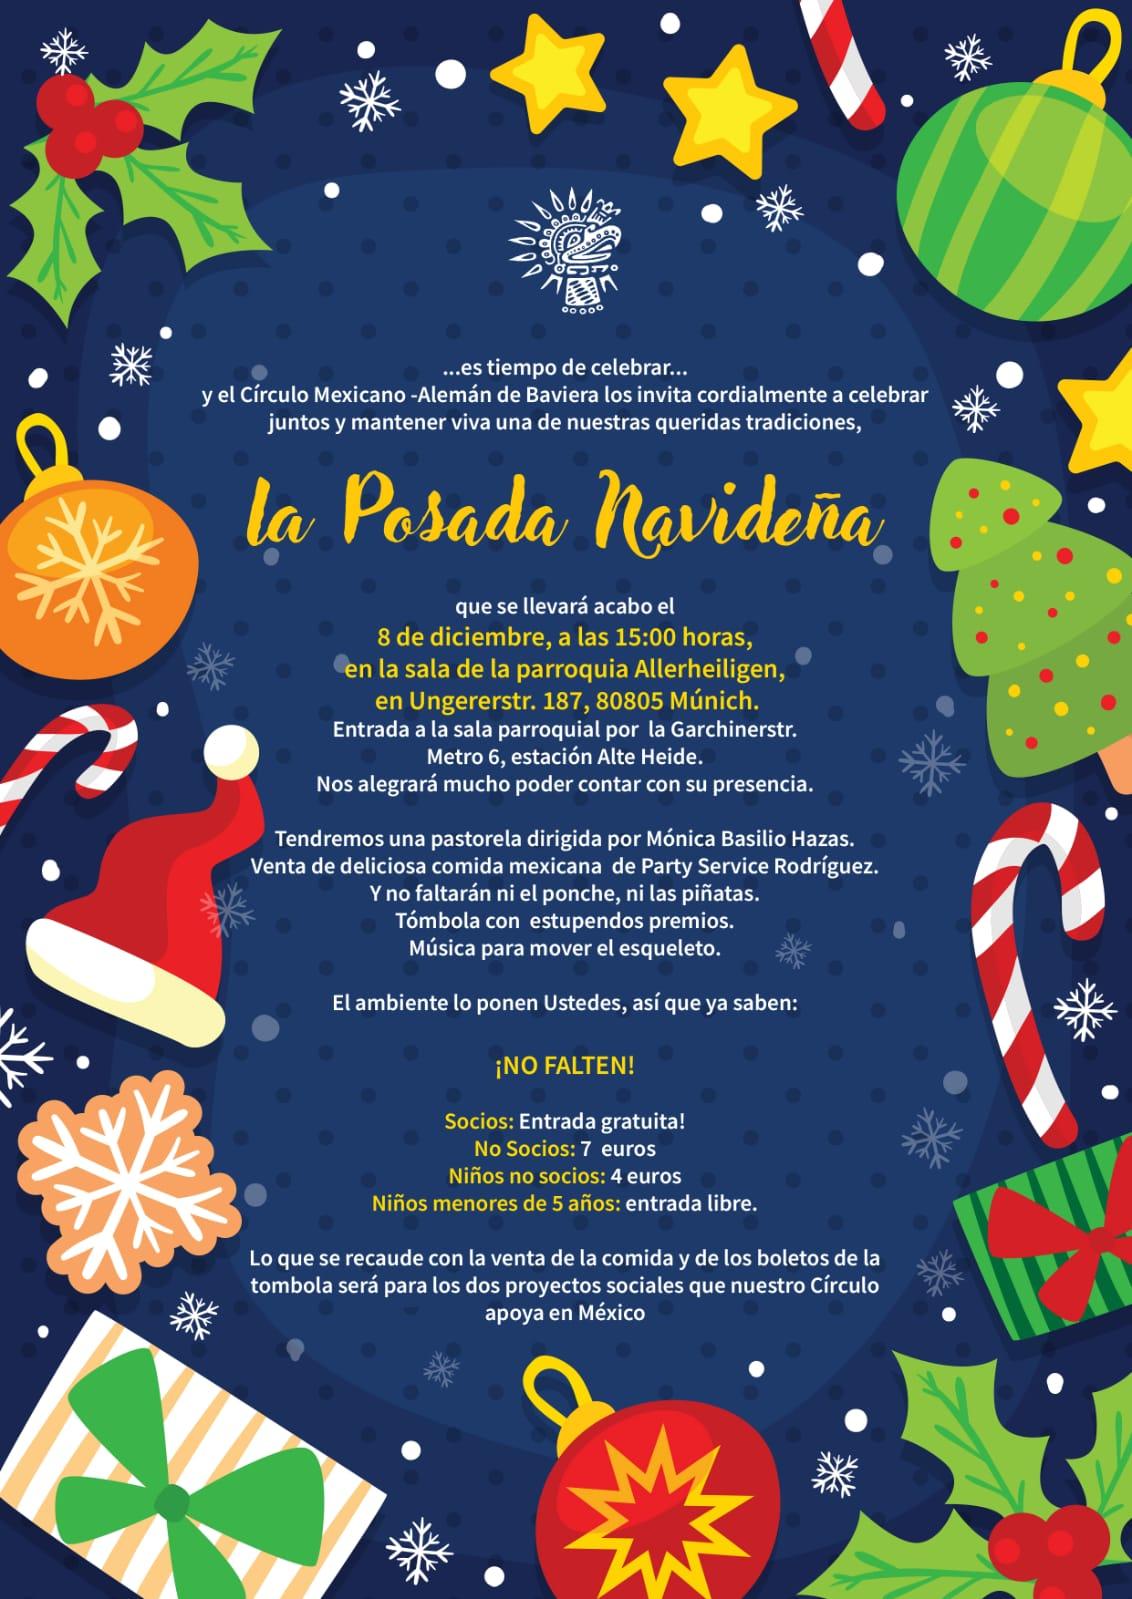 Invitación para la posada el 8 de diciembre 2018